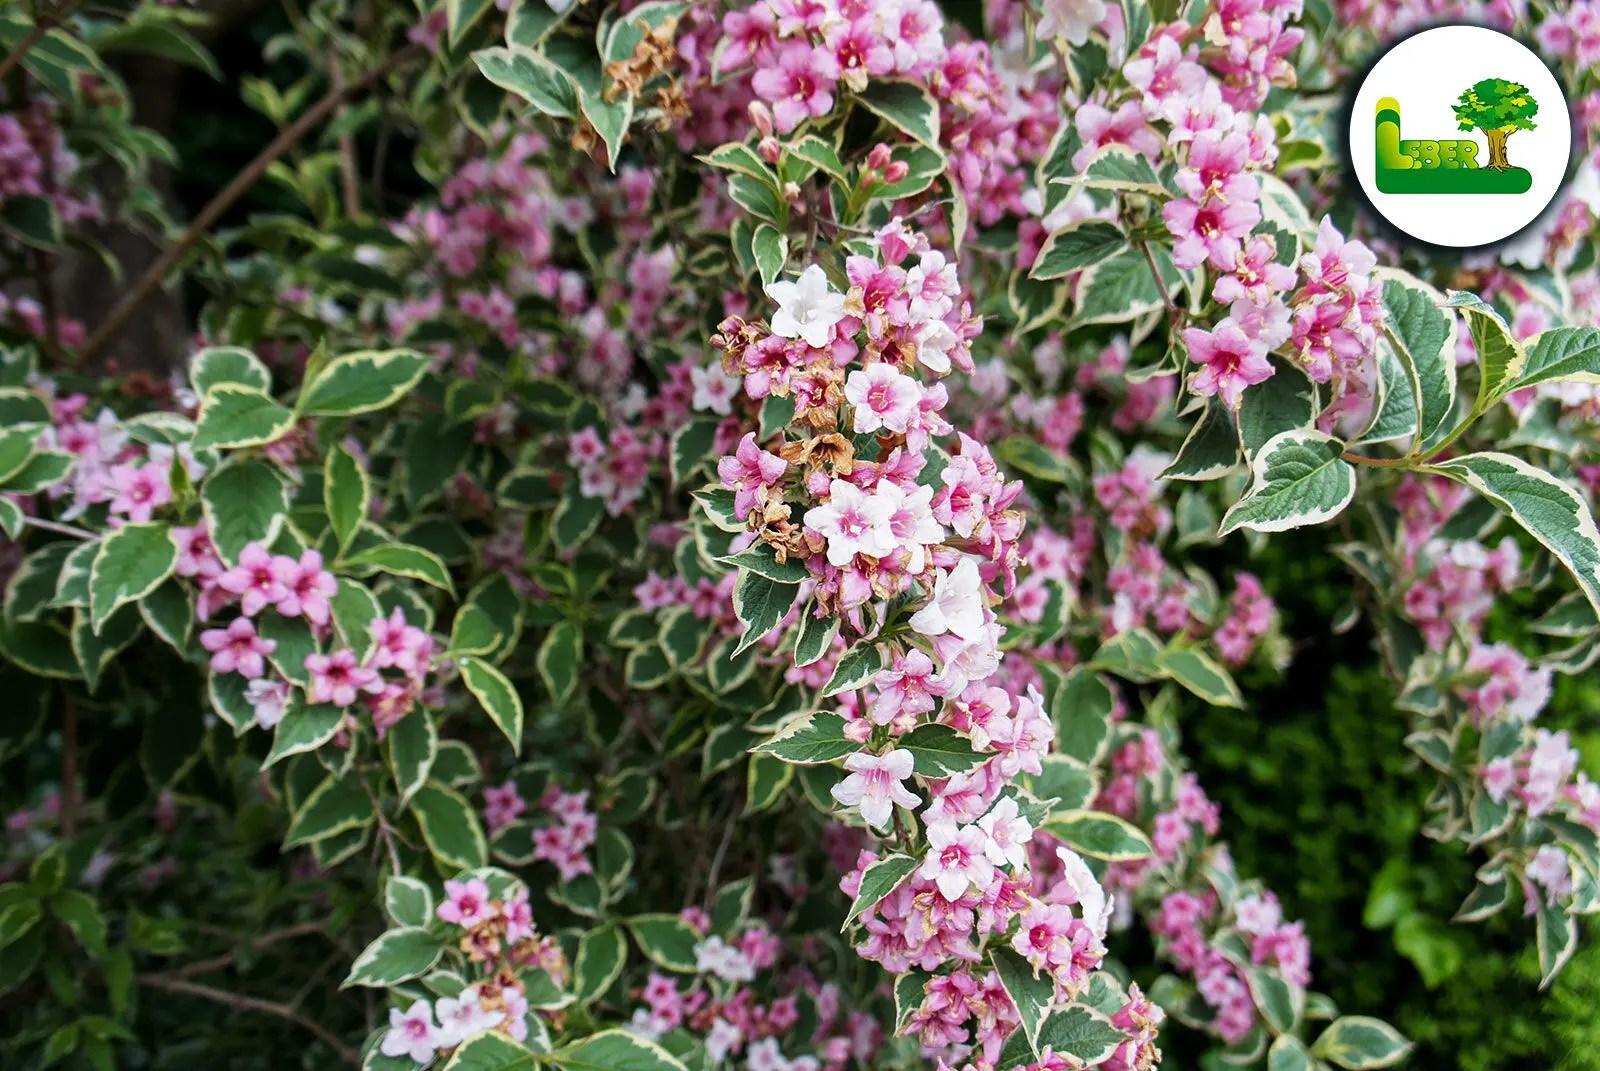 Weigelie im Garten Steiermark. Weigela florida mit Blüten